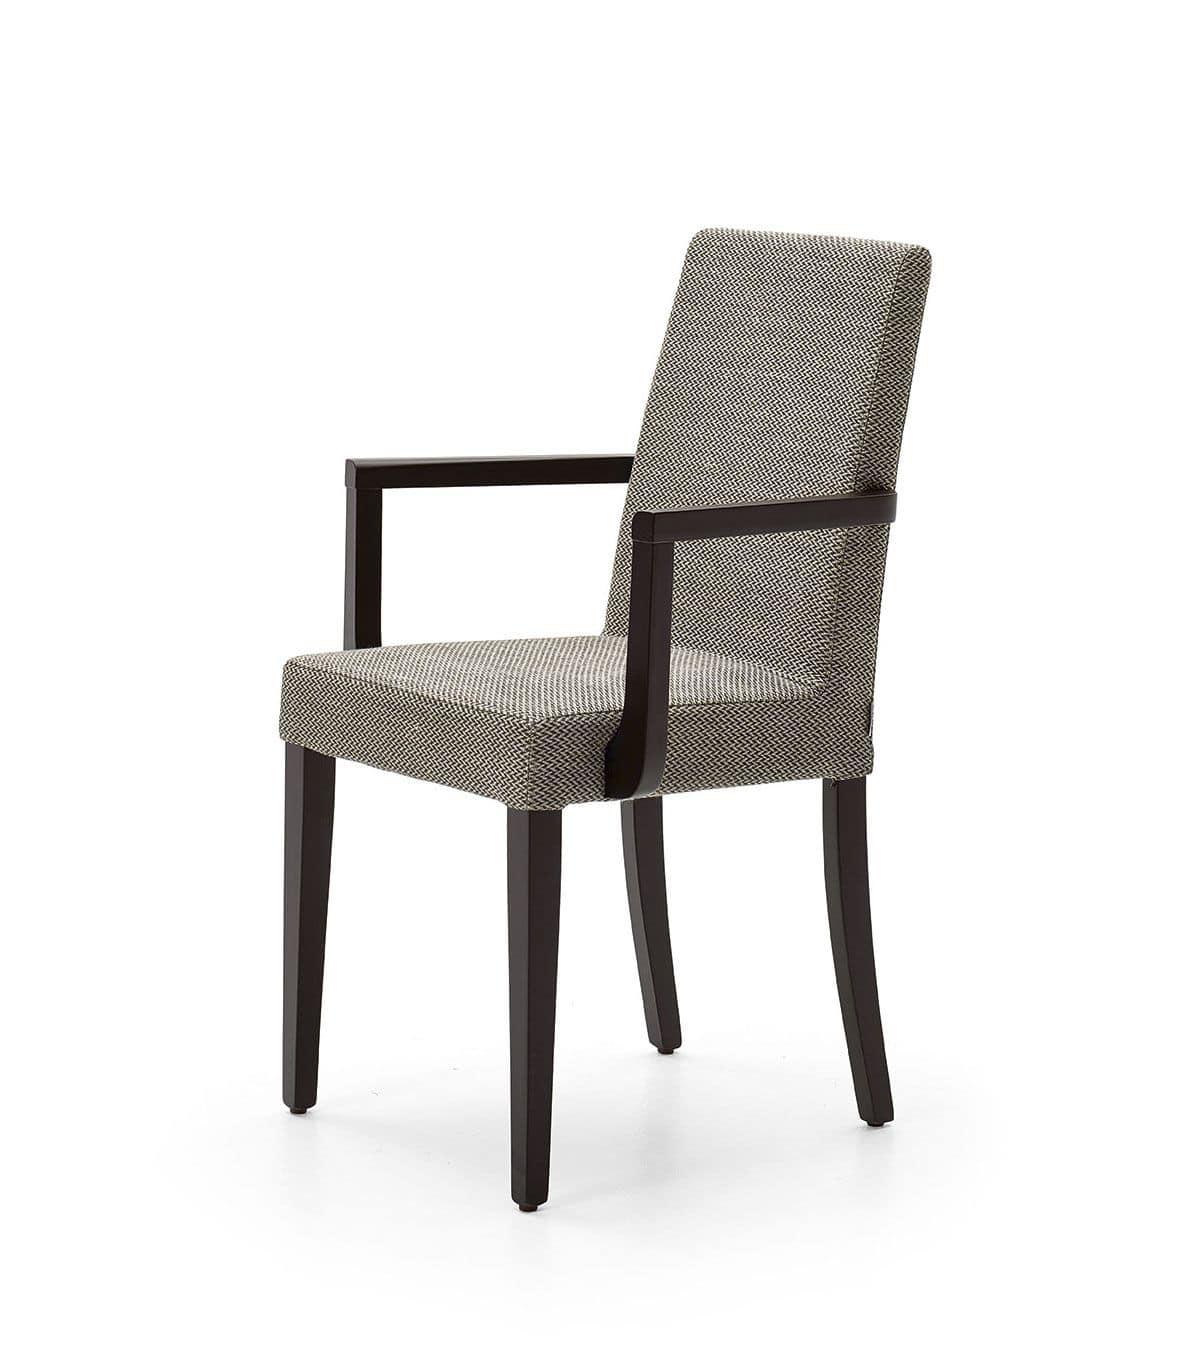 Sedia Con Braccioli Sedia Imbottita Con Braccioli Per Sala Da Pranzo #7A5151 1179 1346 Sedie Con Braccioli Per Sala Da Pranzo